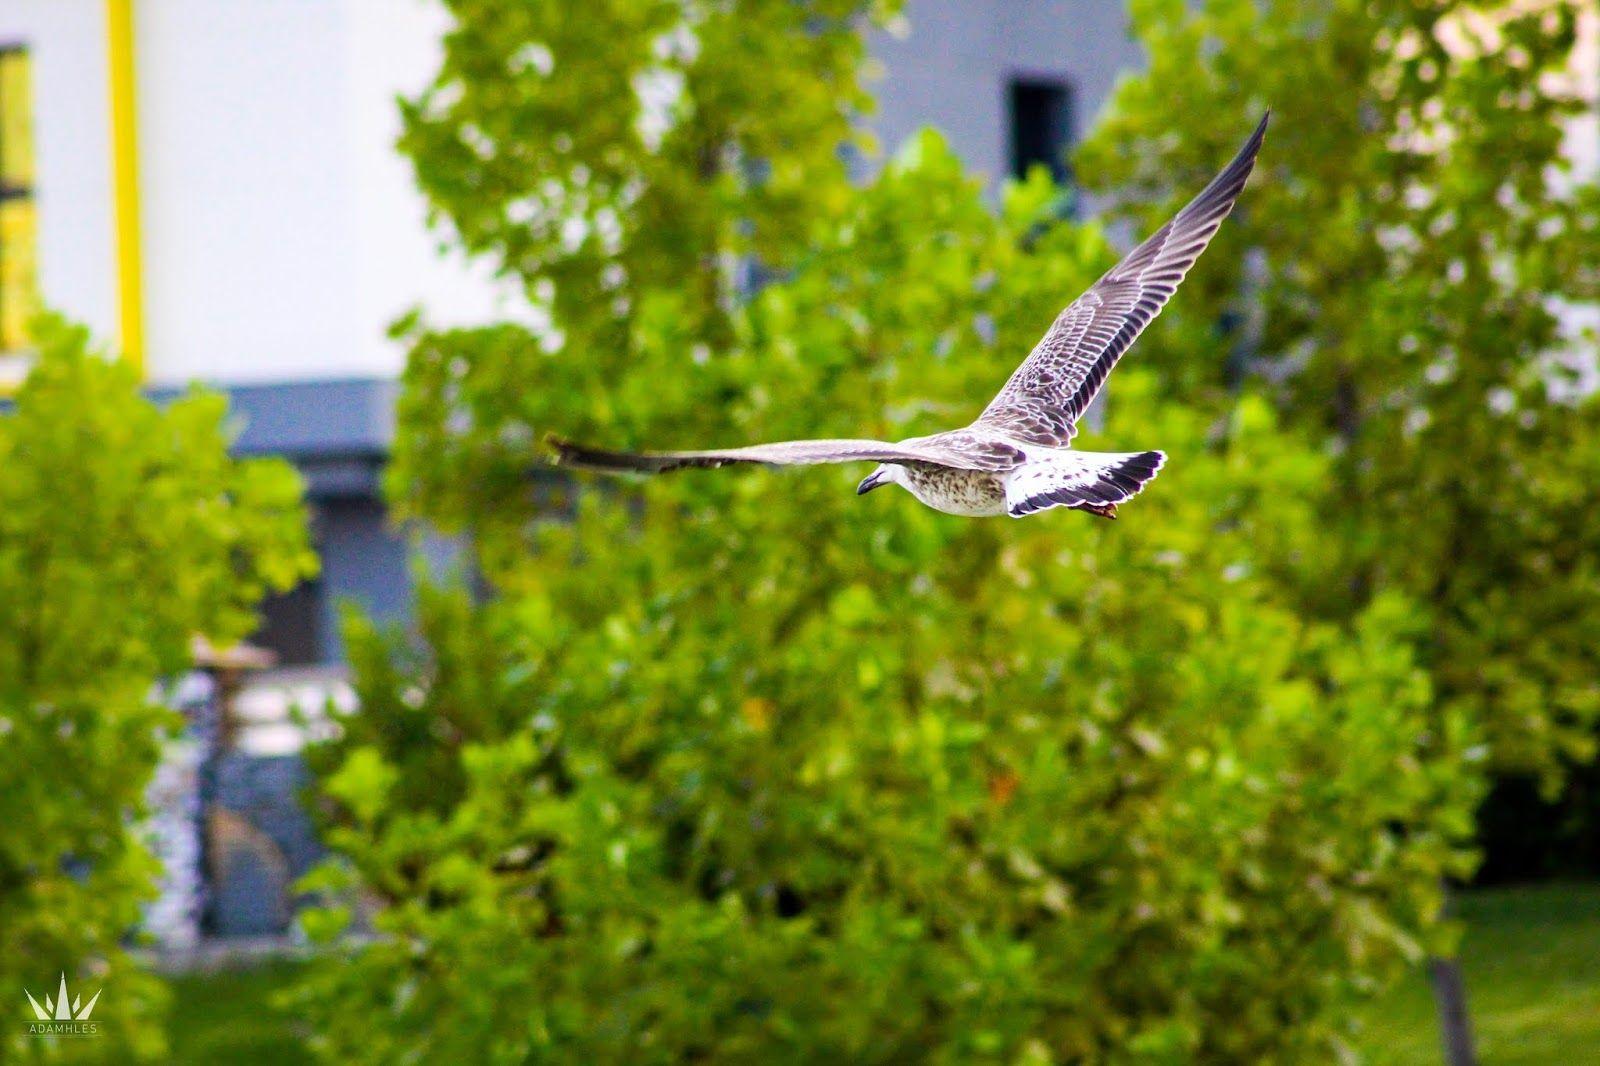 تصوير طائر النورس في السماء خلفية جميلة Animals Birds Bird